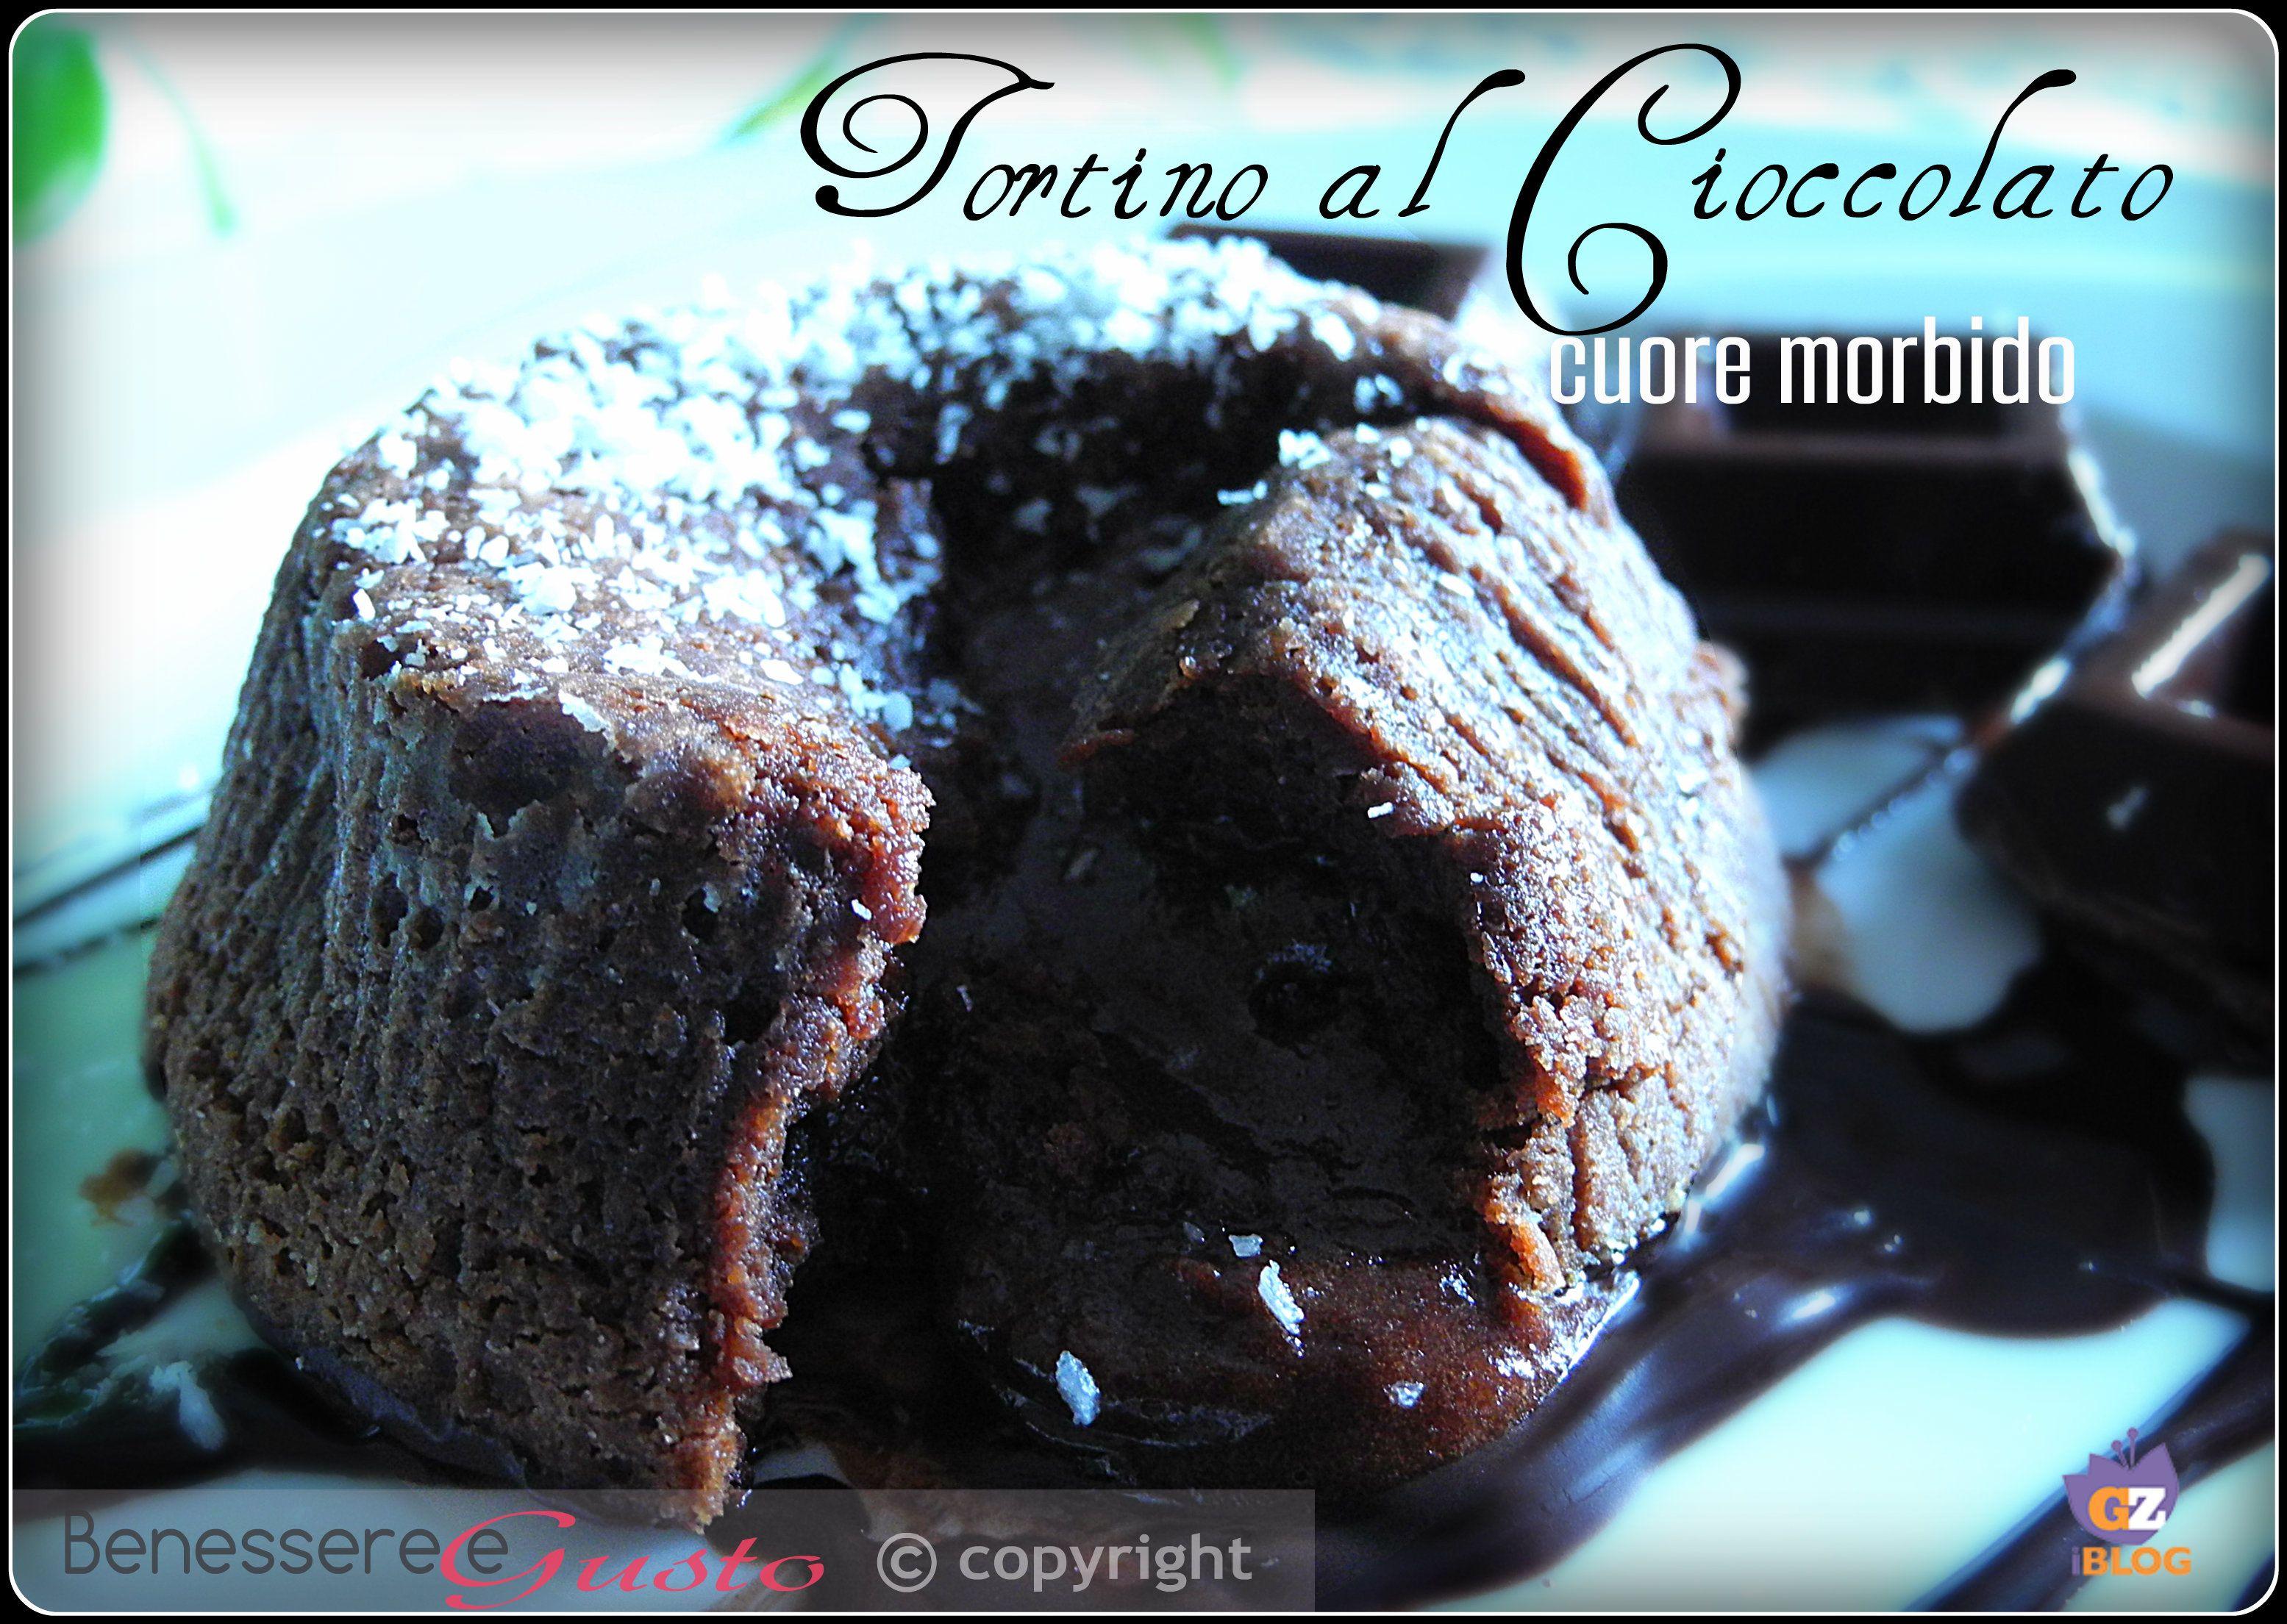 Tortino al cioccolato, cuore morbido e fondente, il piacere avvolgente del cioccolato